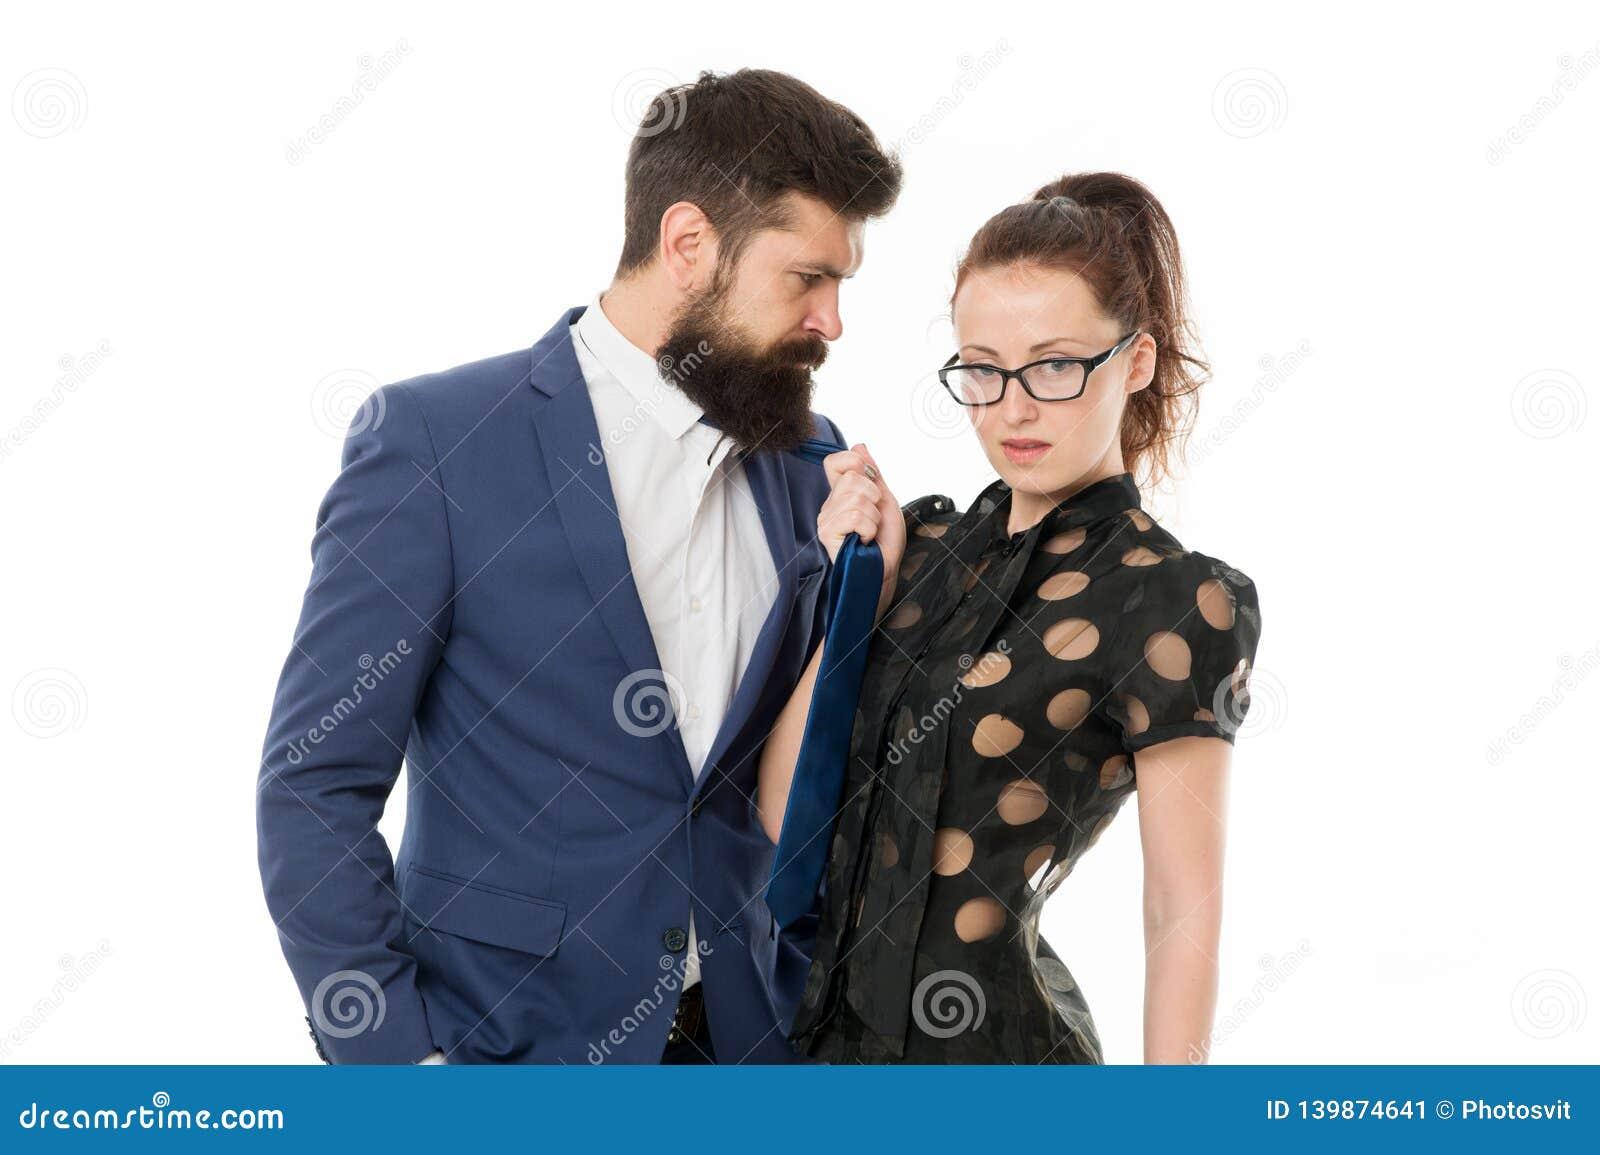 Остановите домогательство Бородатый человек и сексуальная женщина Романтичные пары в офисе предприниматели Развязыванное желание